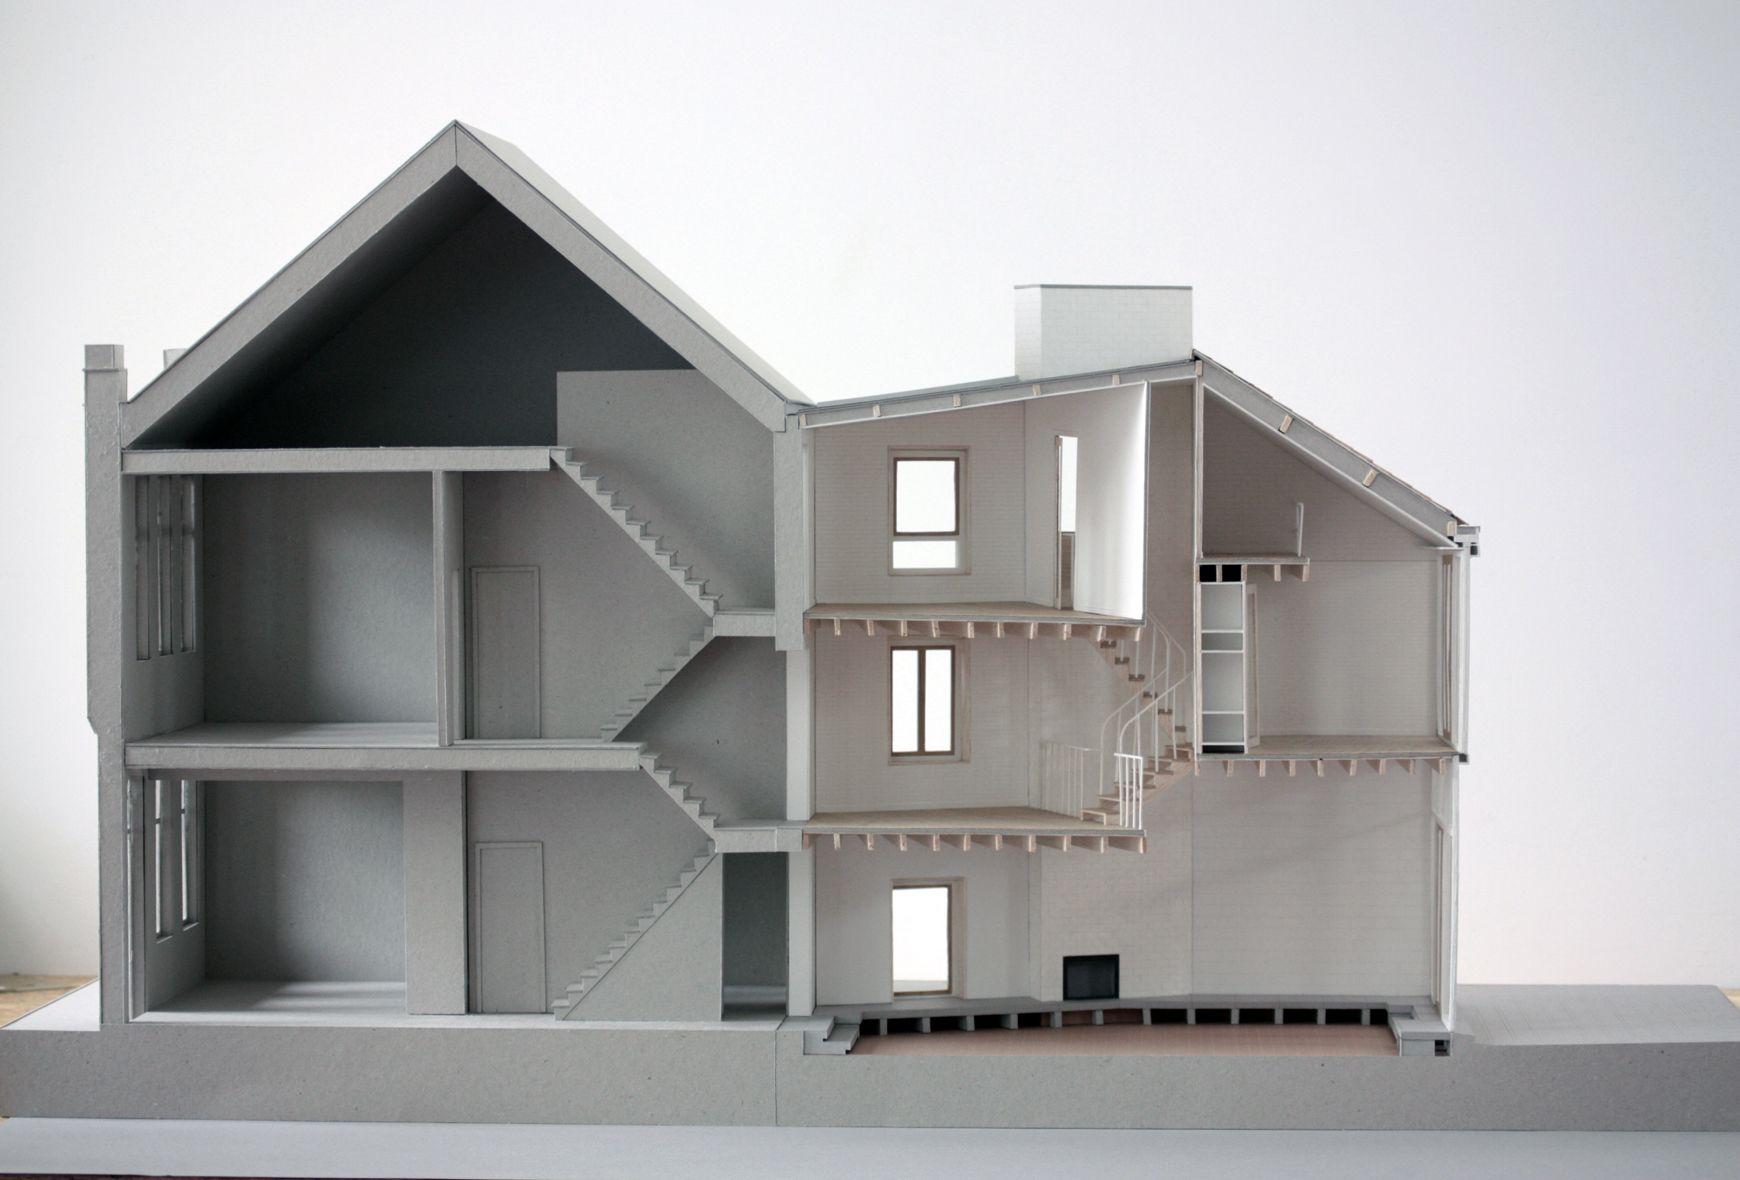 House-extension-Mortsel_6.jpg (1740×1180)